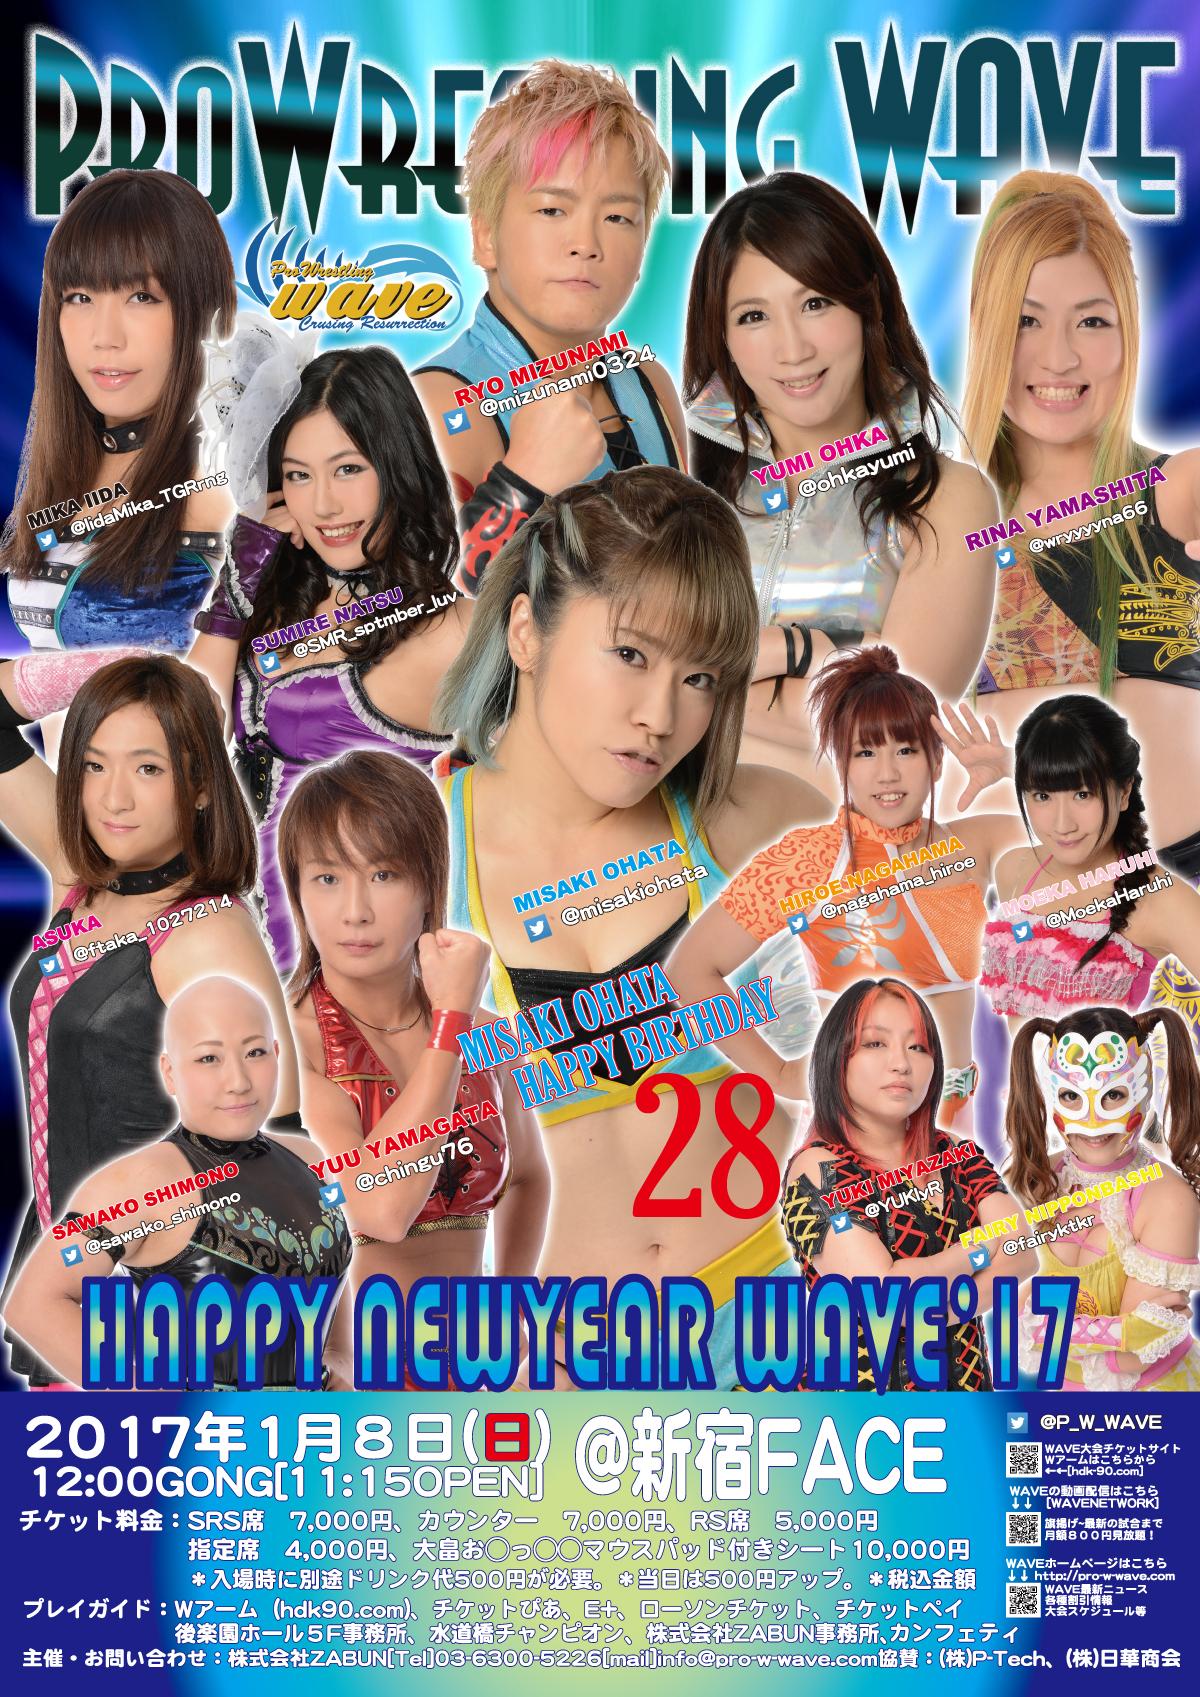 【プロレスリングWAVE】1・8(日)『HAPPY NEW YEAR WAVE '17』全対戦カード決定!大畠美咲バースデー限定シートは残りわずか!